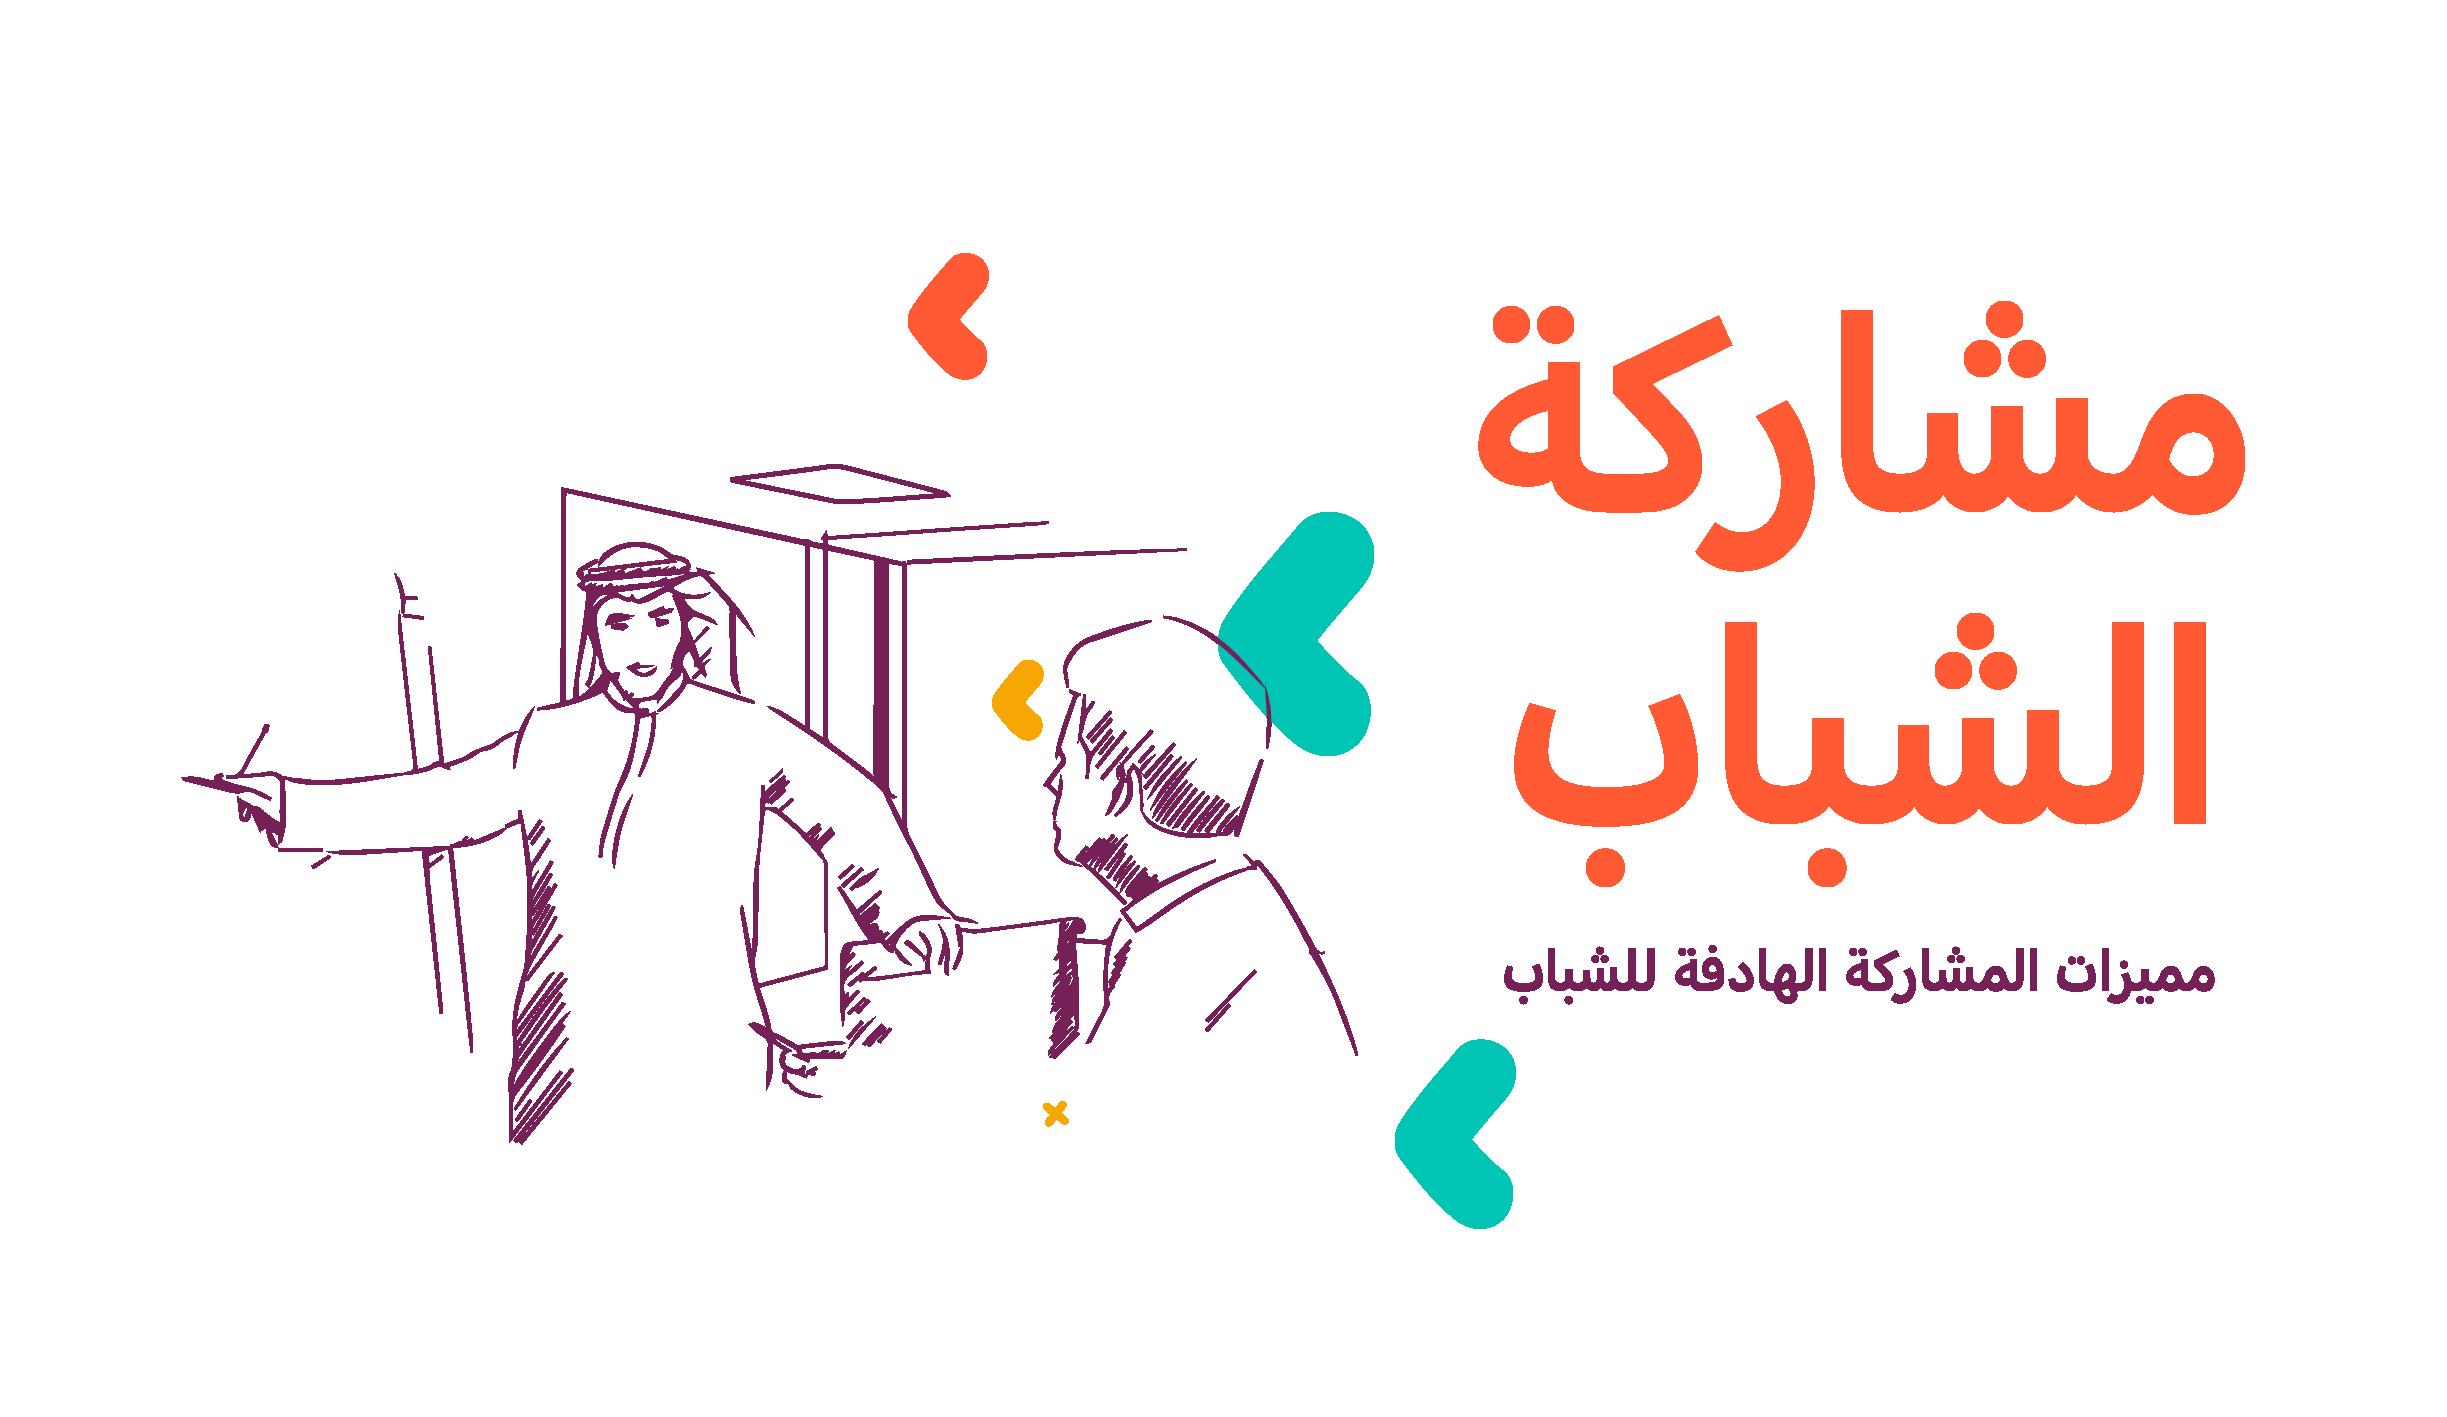 مشاركة الشباب (مميزات المشاركة الهادفة للشباب)